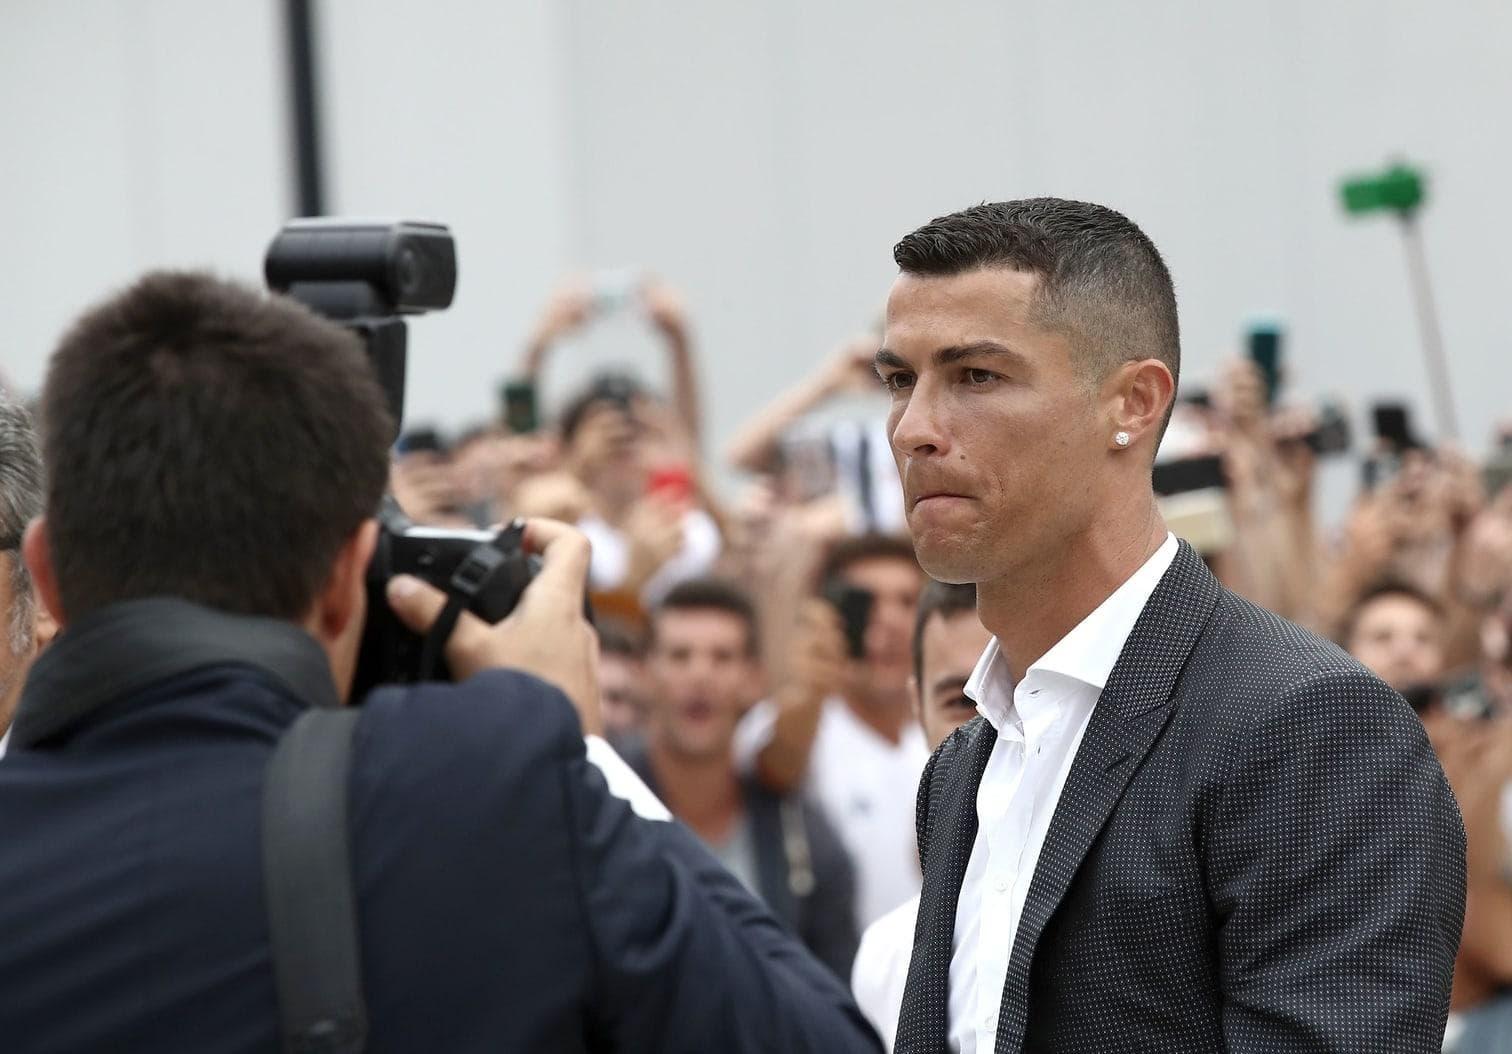 <p>Er soll Italiens Topklub an die Spitze des europäischen Fußballs führen &ndash; und Niederlagen wie im Champions-League-Finale 2017 (gegen Real Madrid) oder im Viertelfinale der Königsklasse dieses Jahr (ebenfalls gegen Real) verhindern.&nbsp;</p> Foto: AFP